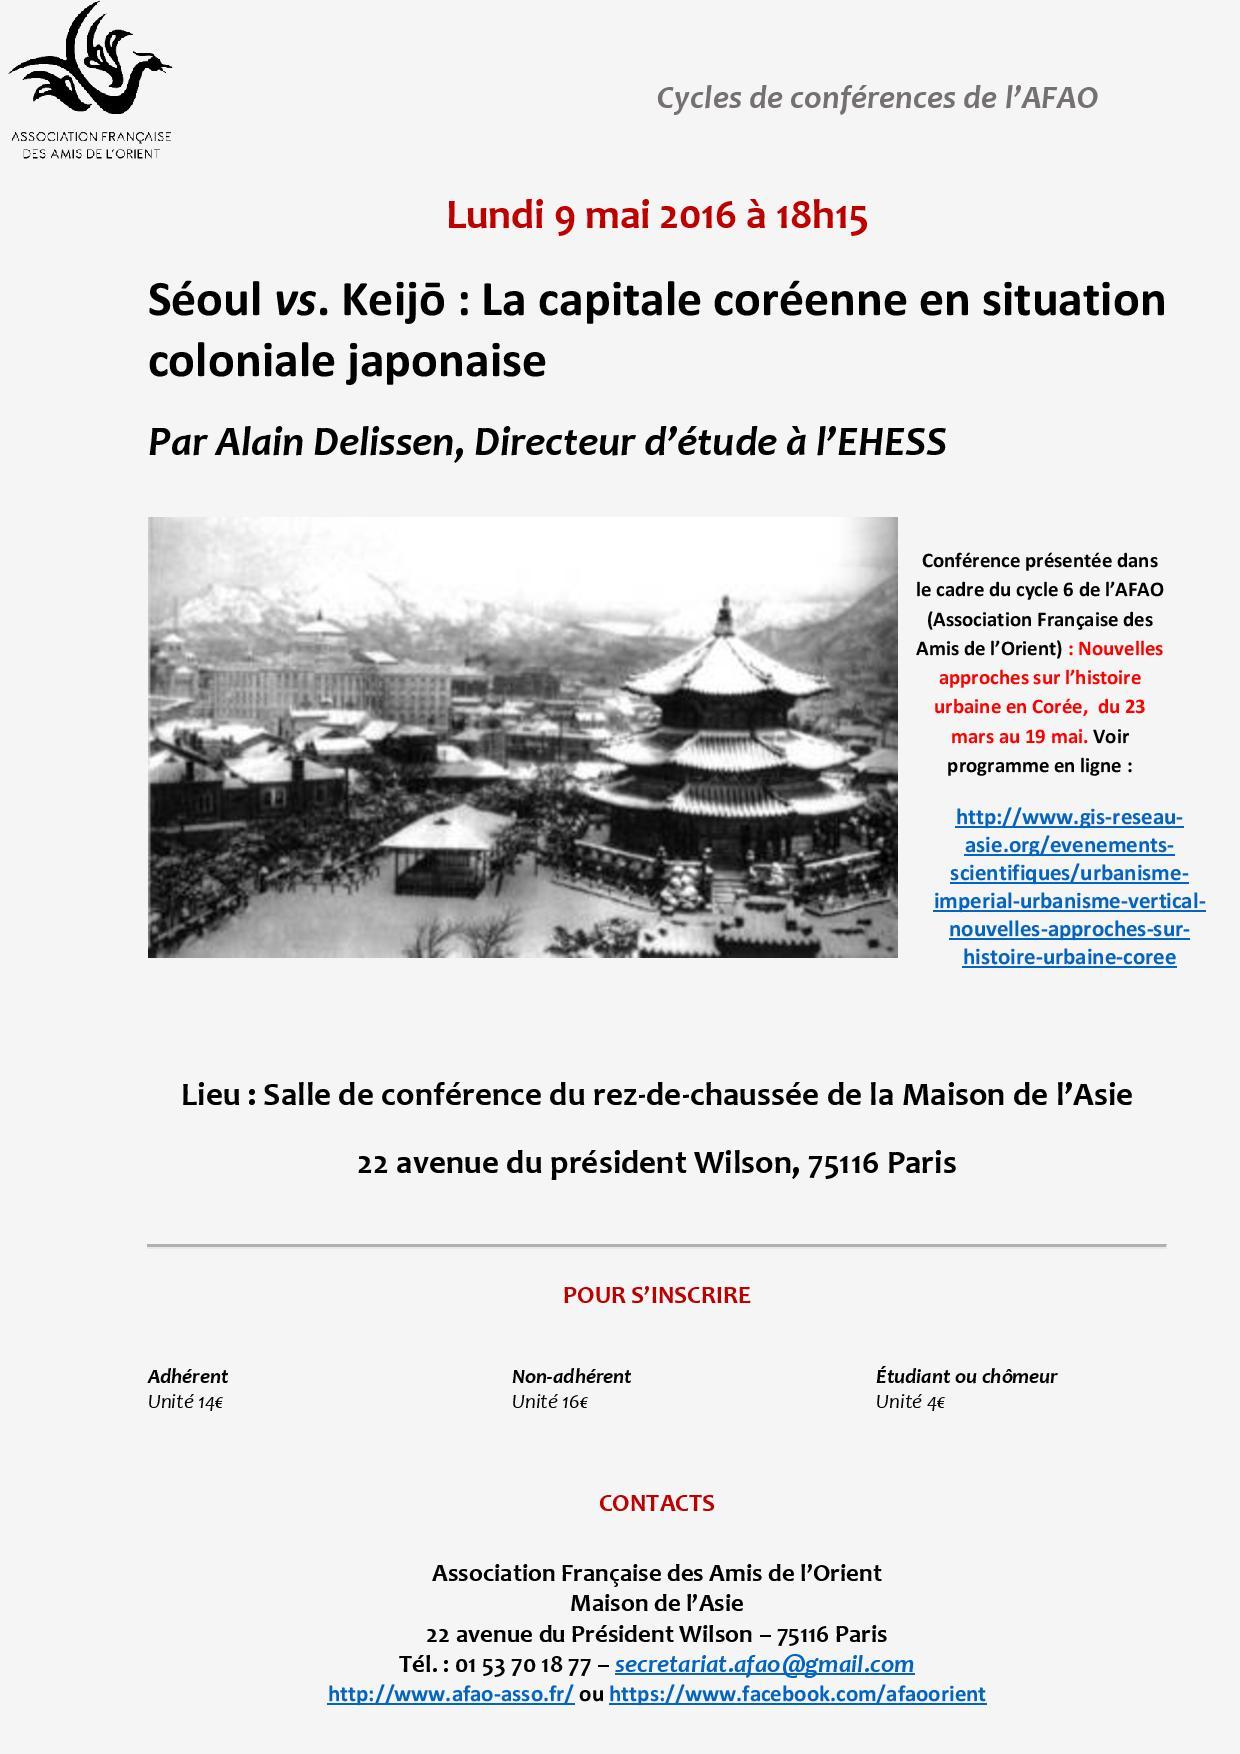 Conférence - Delissen- 9 mai - AFAO(1)